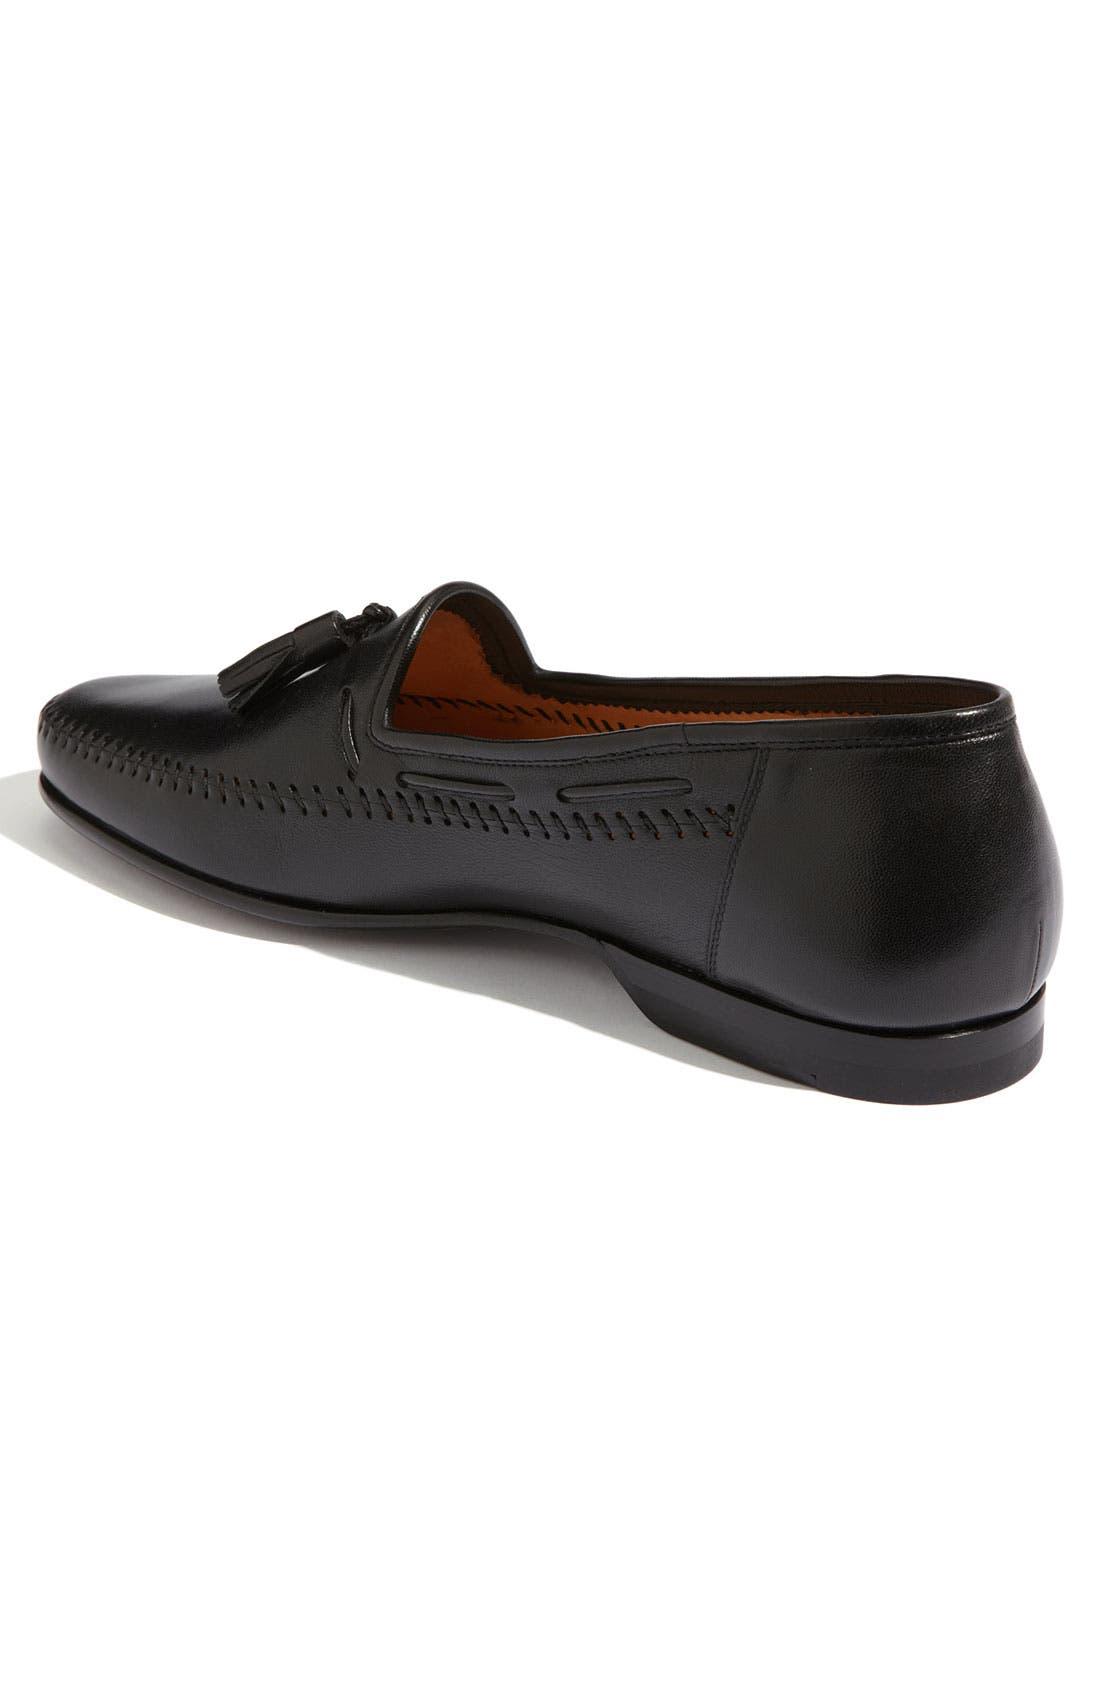 Alternate Image 2  - Magnanni 'Ancona' Loafer